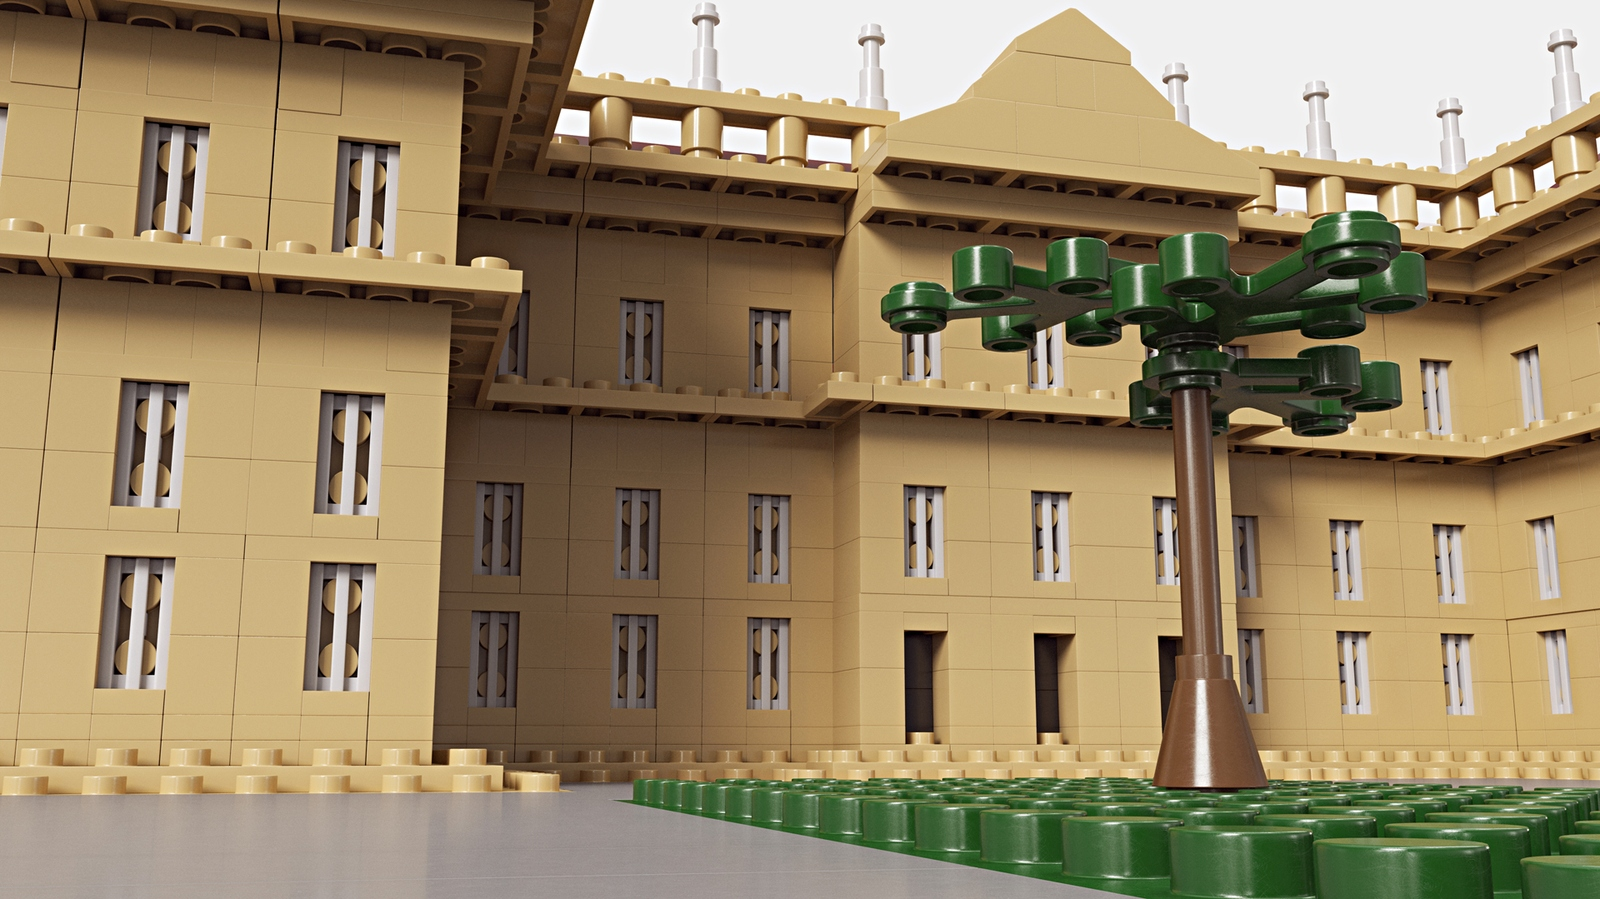 lego-ideas-nationalmuseum-rio-de-janeiro-front zusammengebaut.com